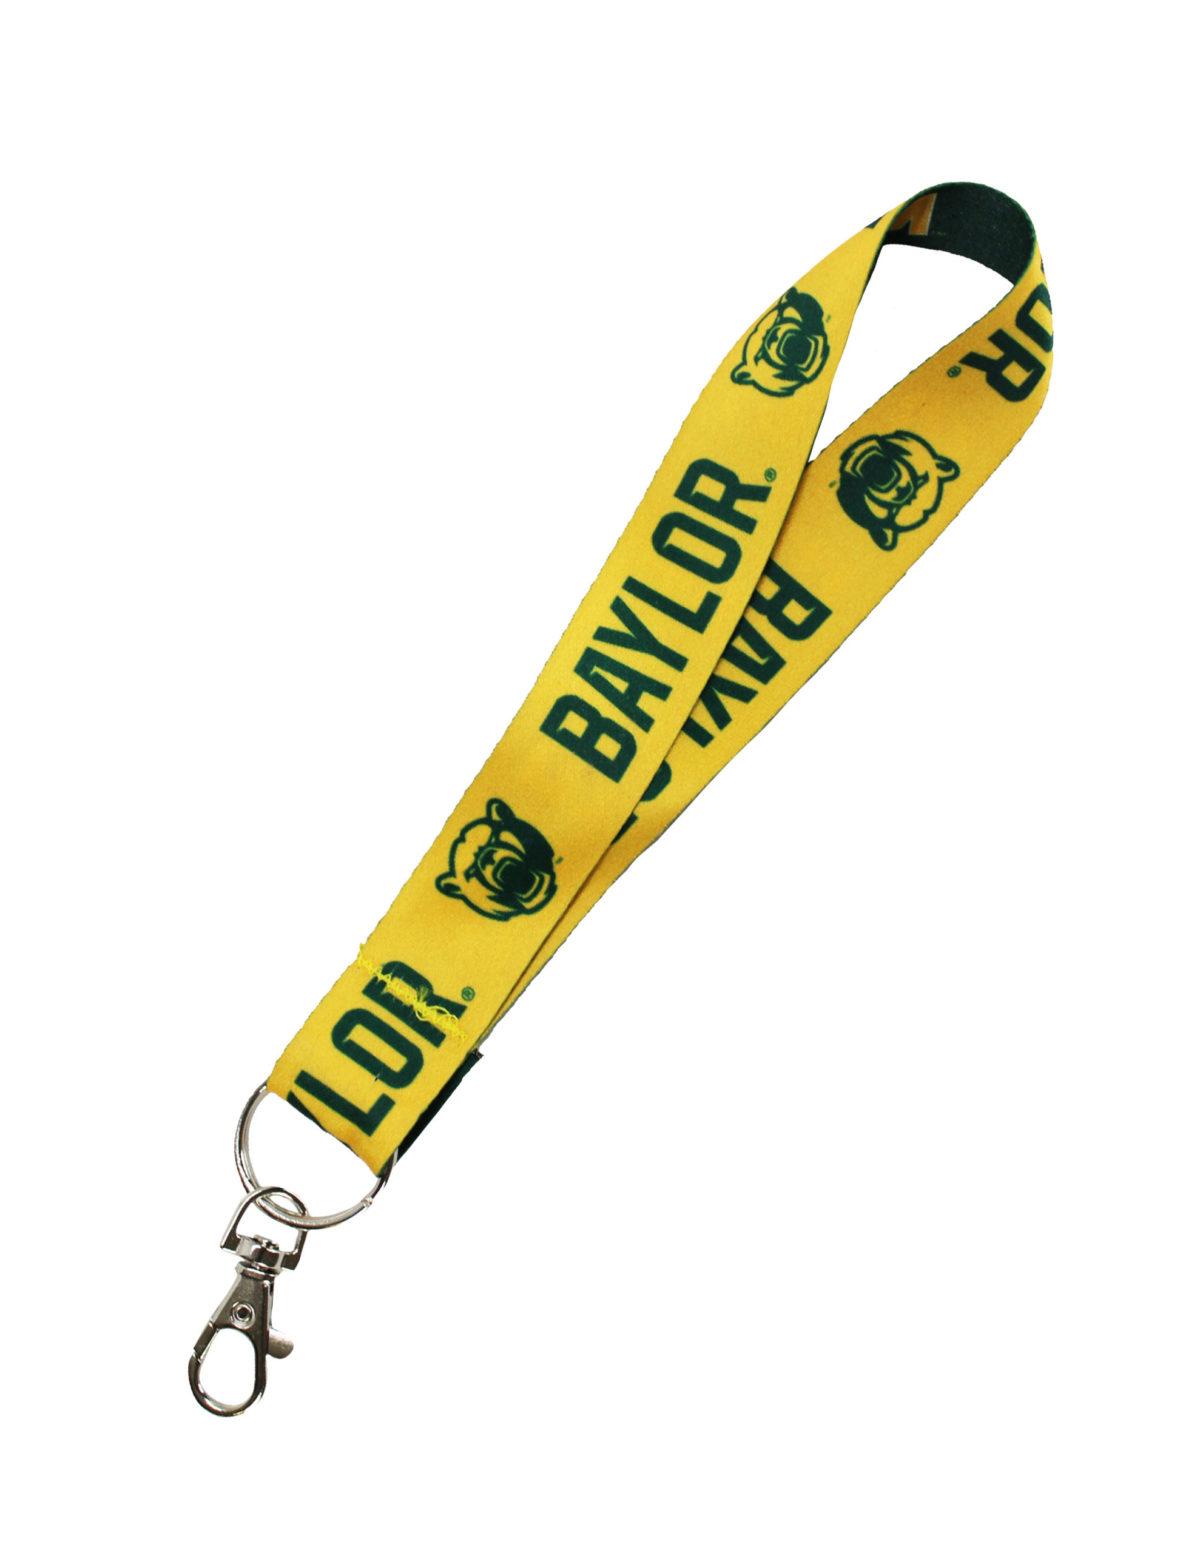 BU Baylor Sic Em lanyard key strap Barefoot Campus Outfitter